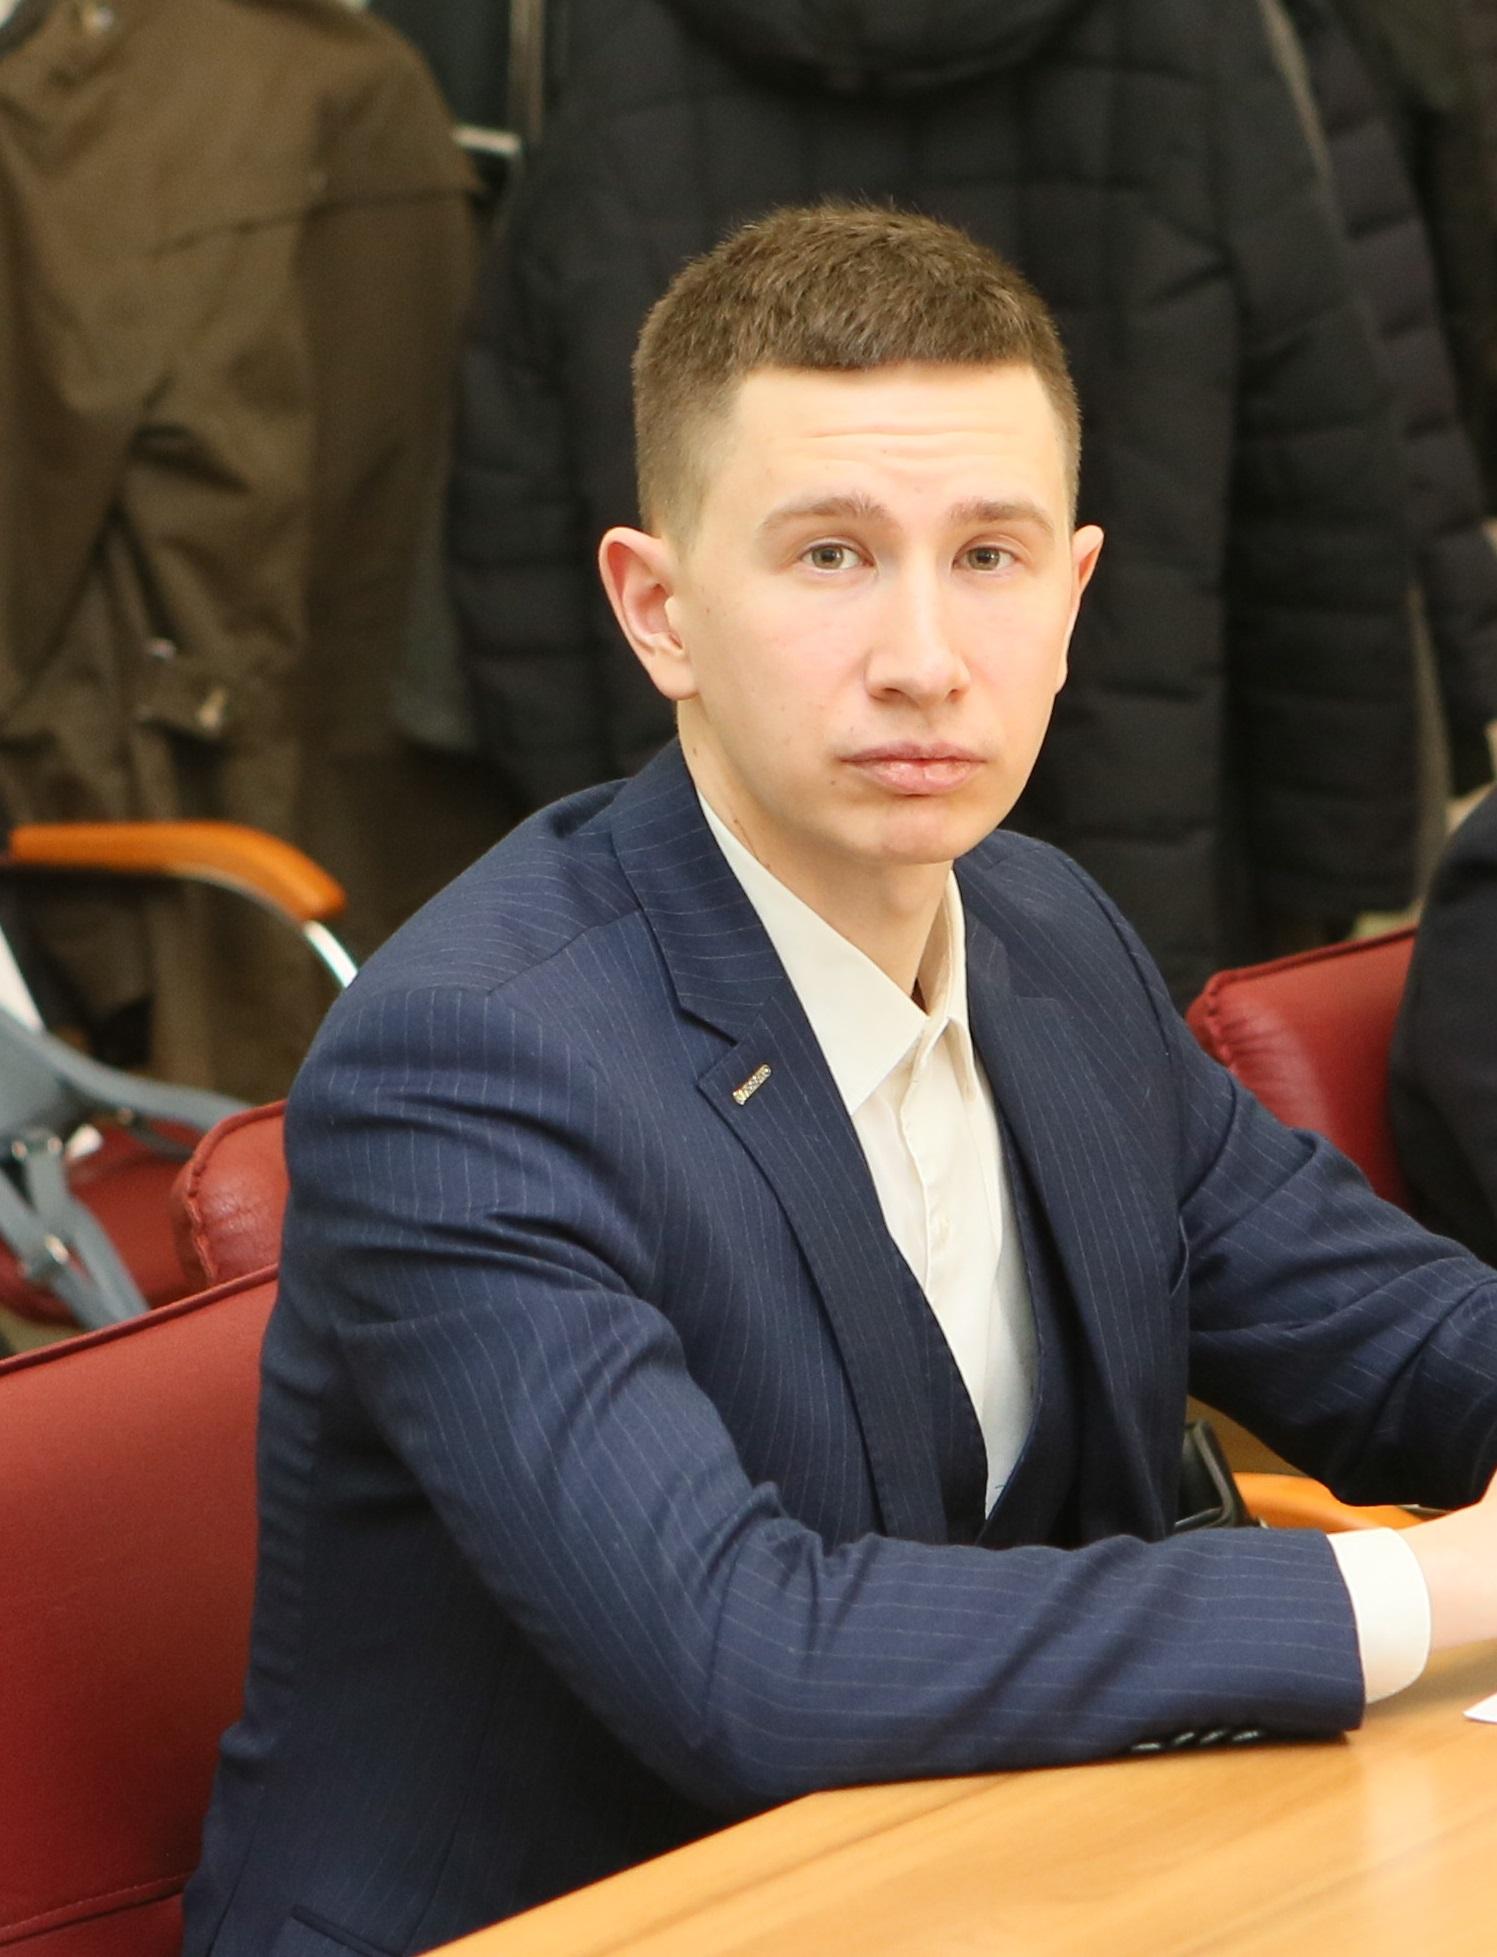 TRASKO рассказала об основных трендах на рынках импорта и экспорта грузов в рамках форума «ПРОМТЕХЭКСПО-2021» в Омске 1